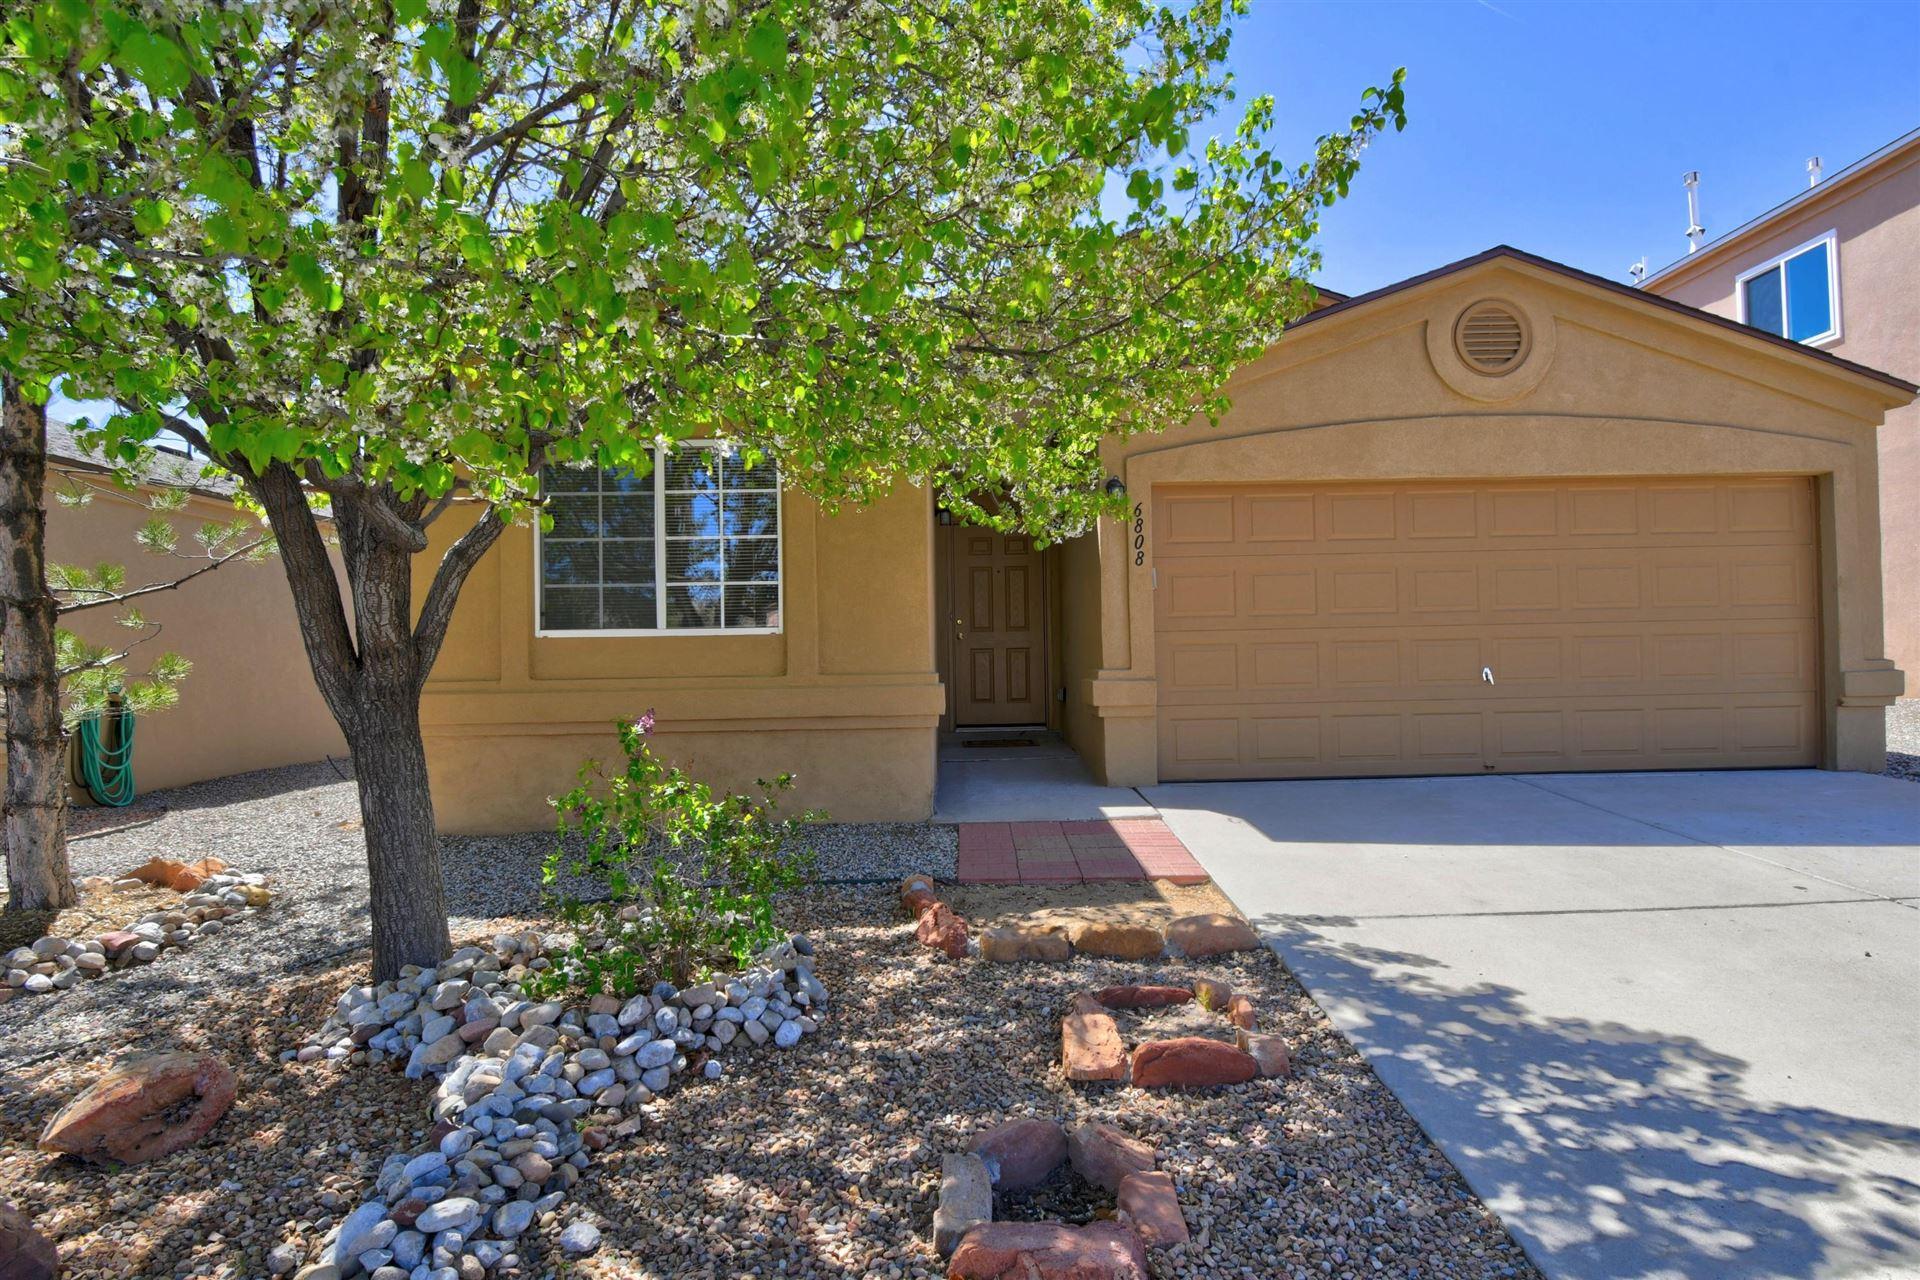 6808 CANDELIA Avenue NW, Albuquerque, NM 87114 - MLS#: 989721